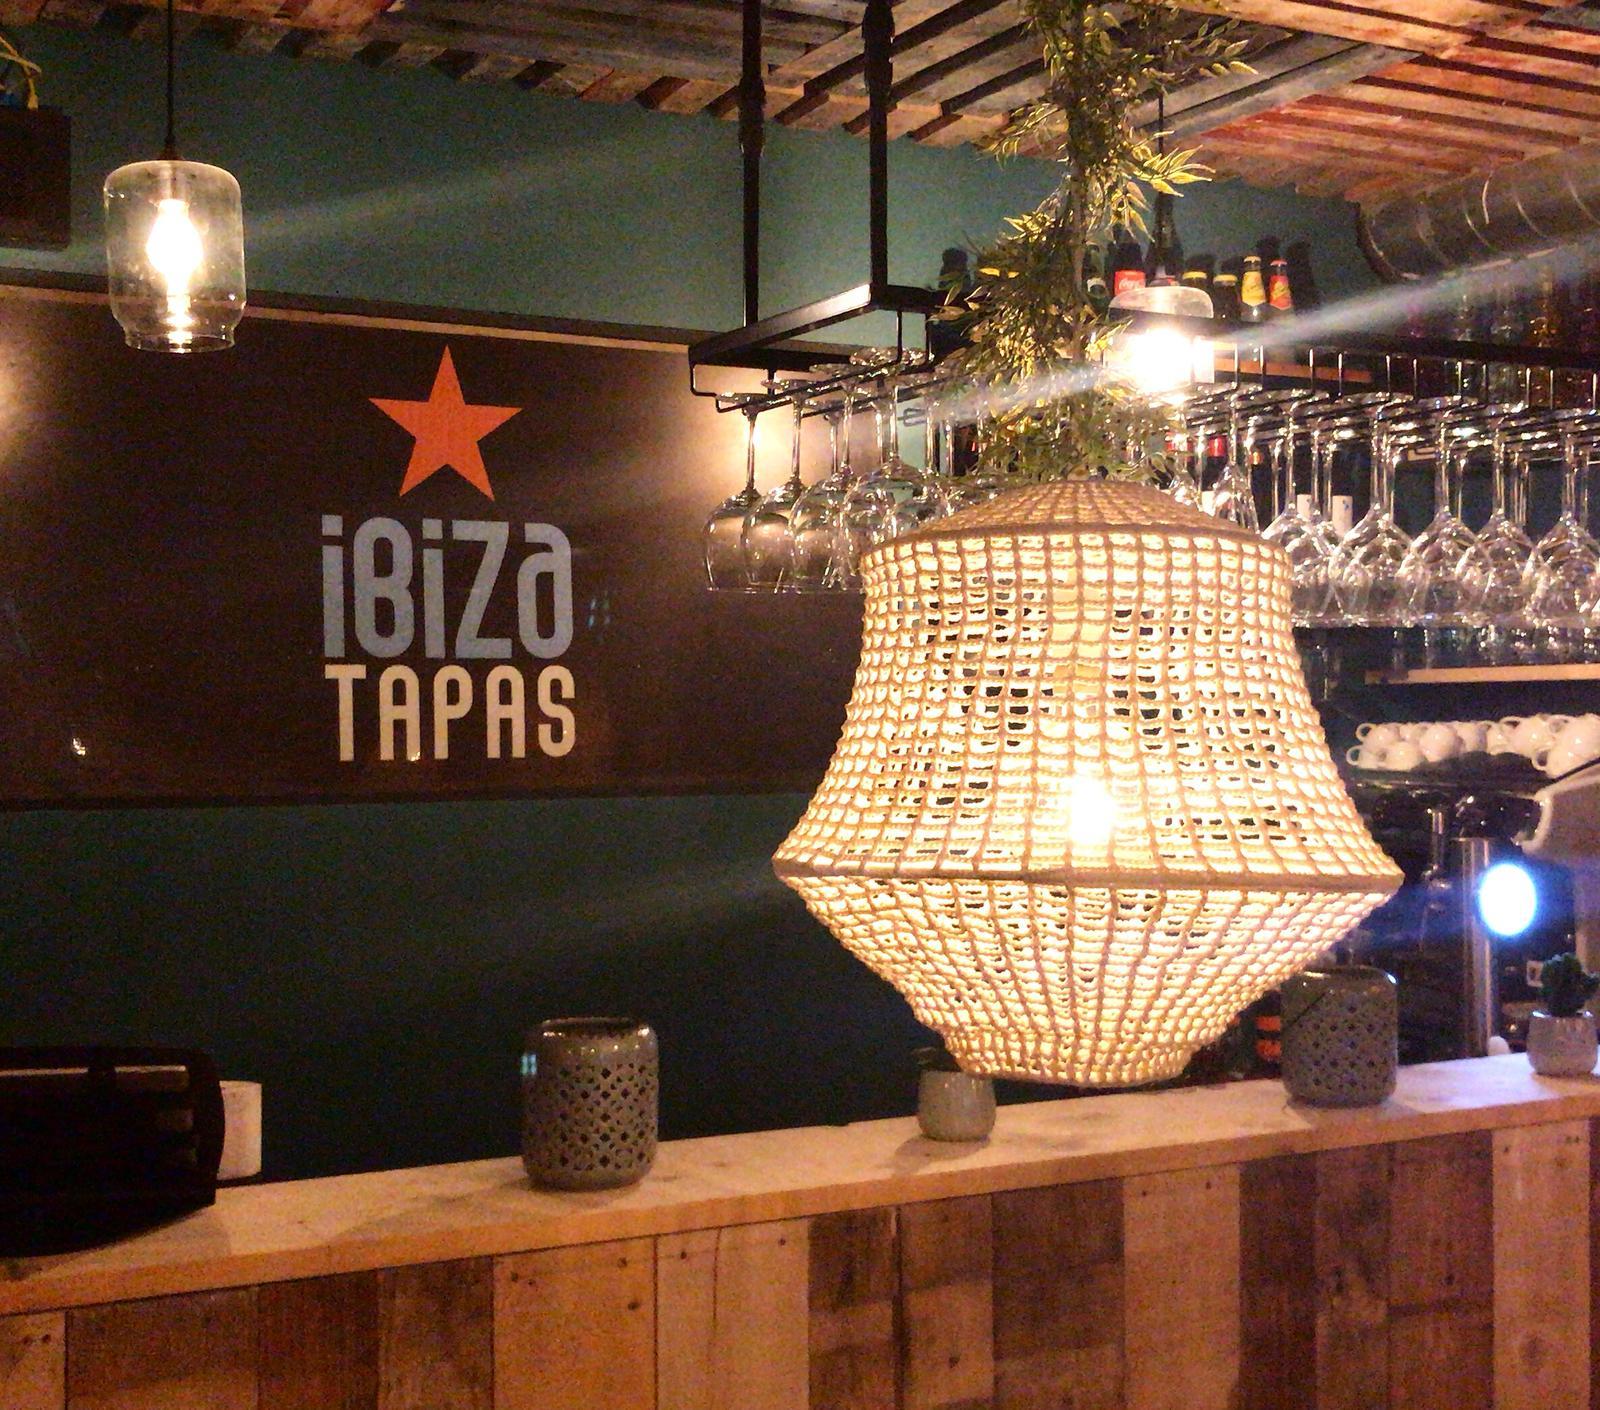 Het nieuwste restaurant van Cannes heet Ibiza Tapas